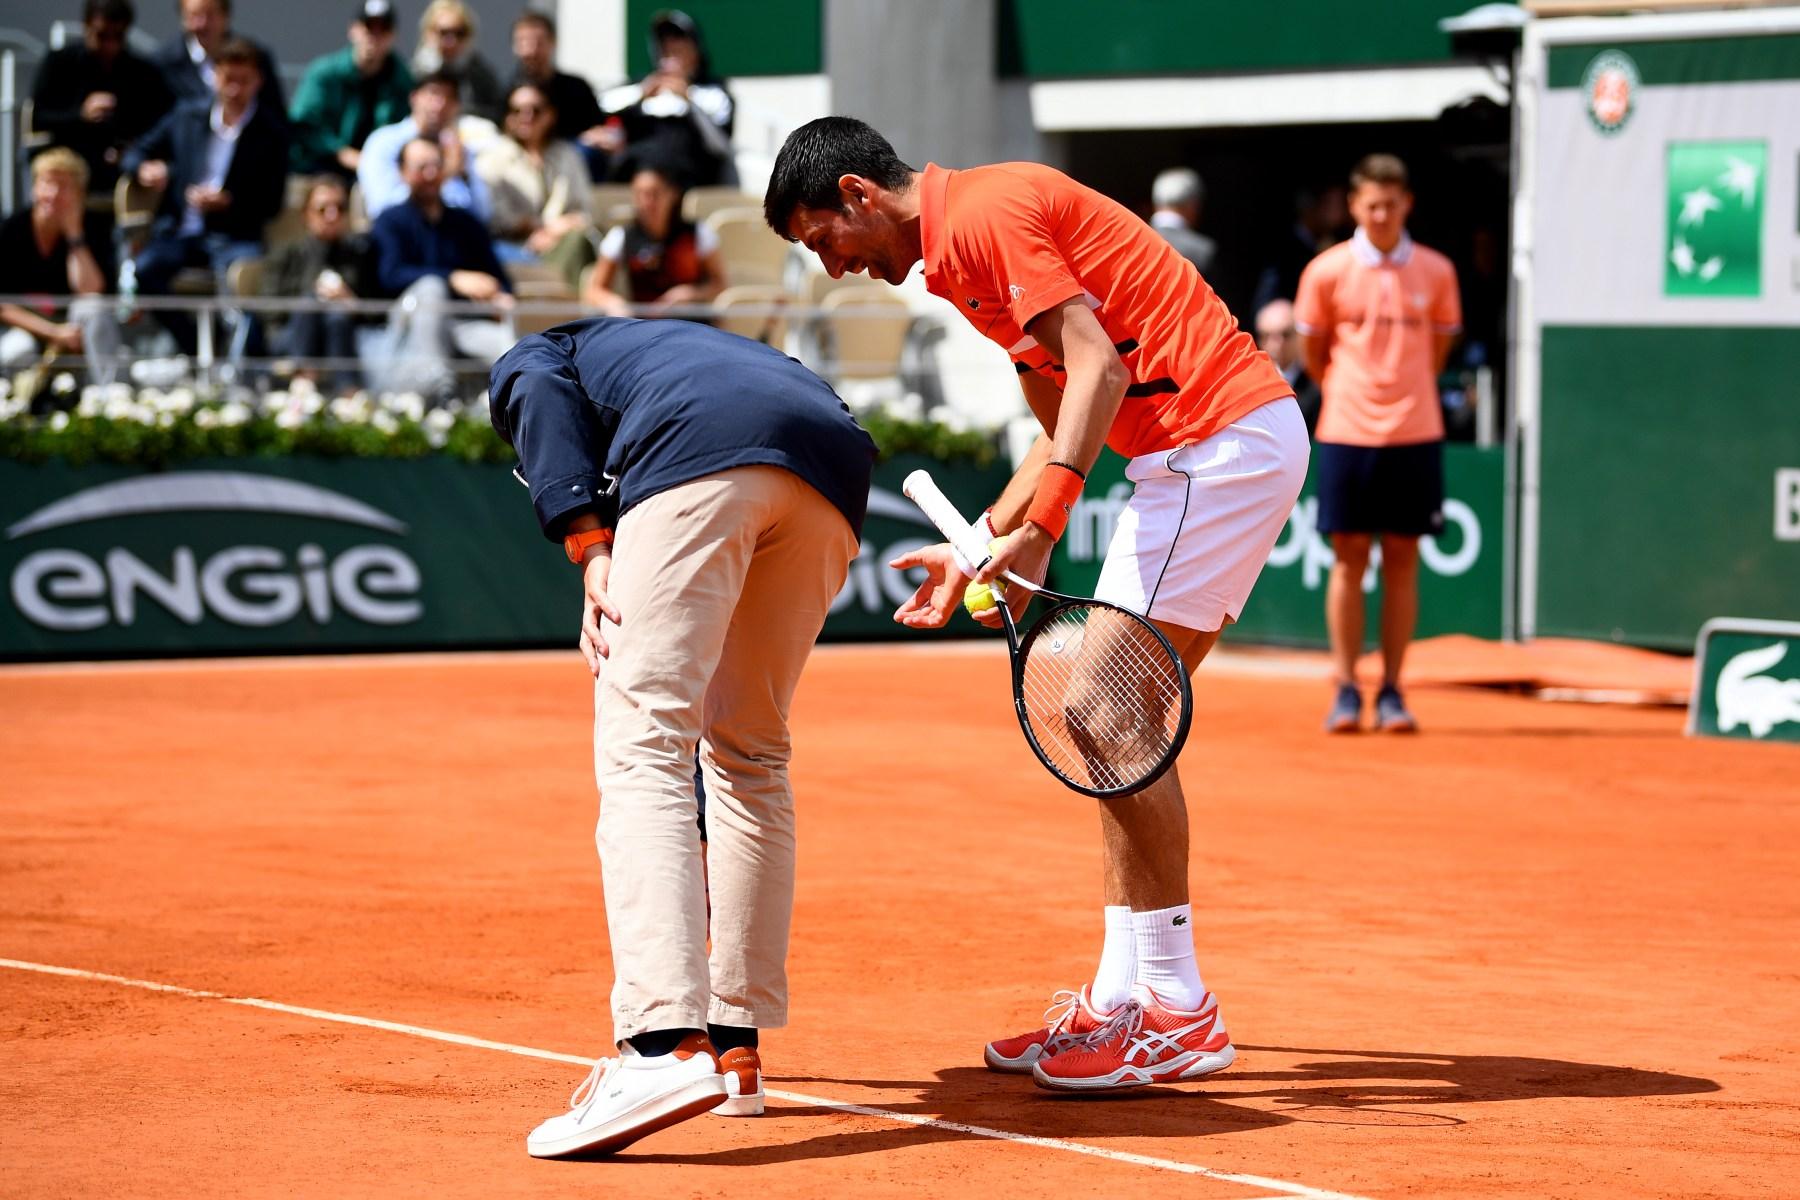 Novak Djokovic Umpire French Open